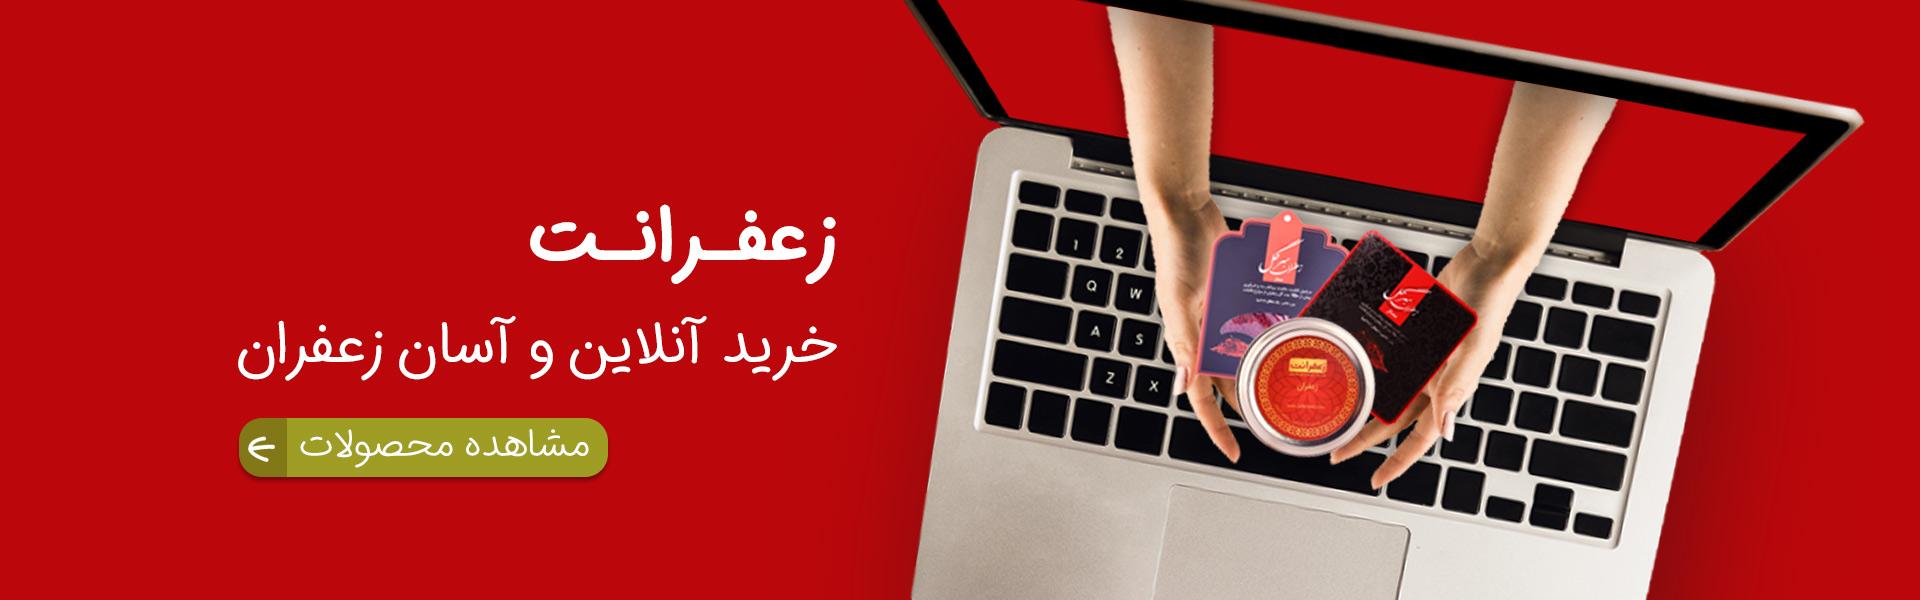 خرید آنلاین و آسان